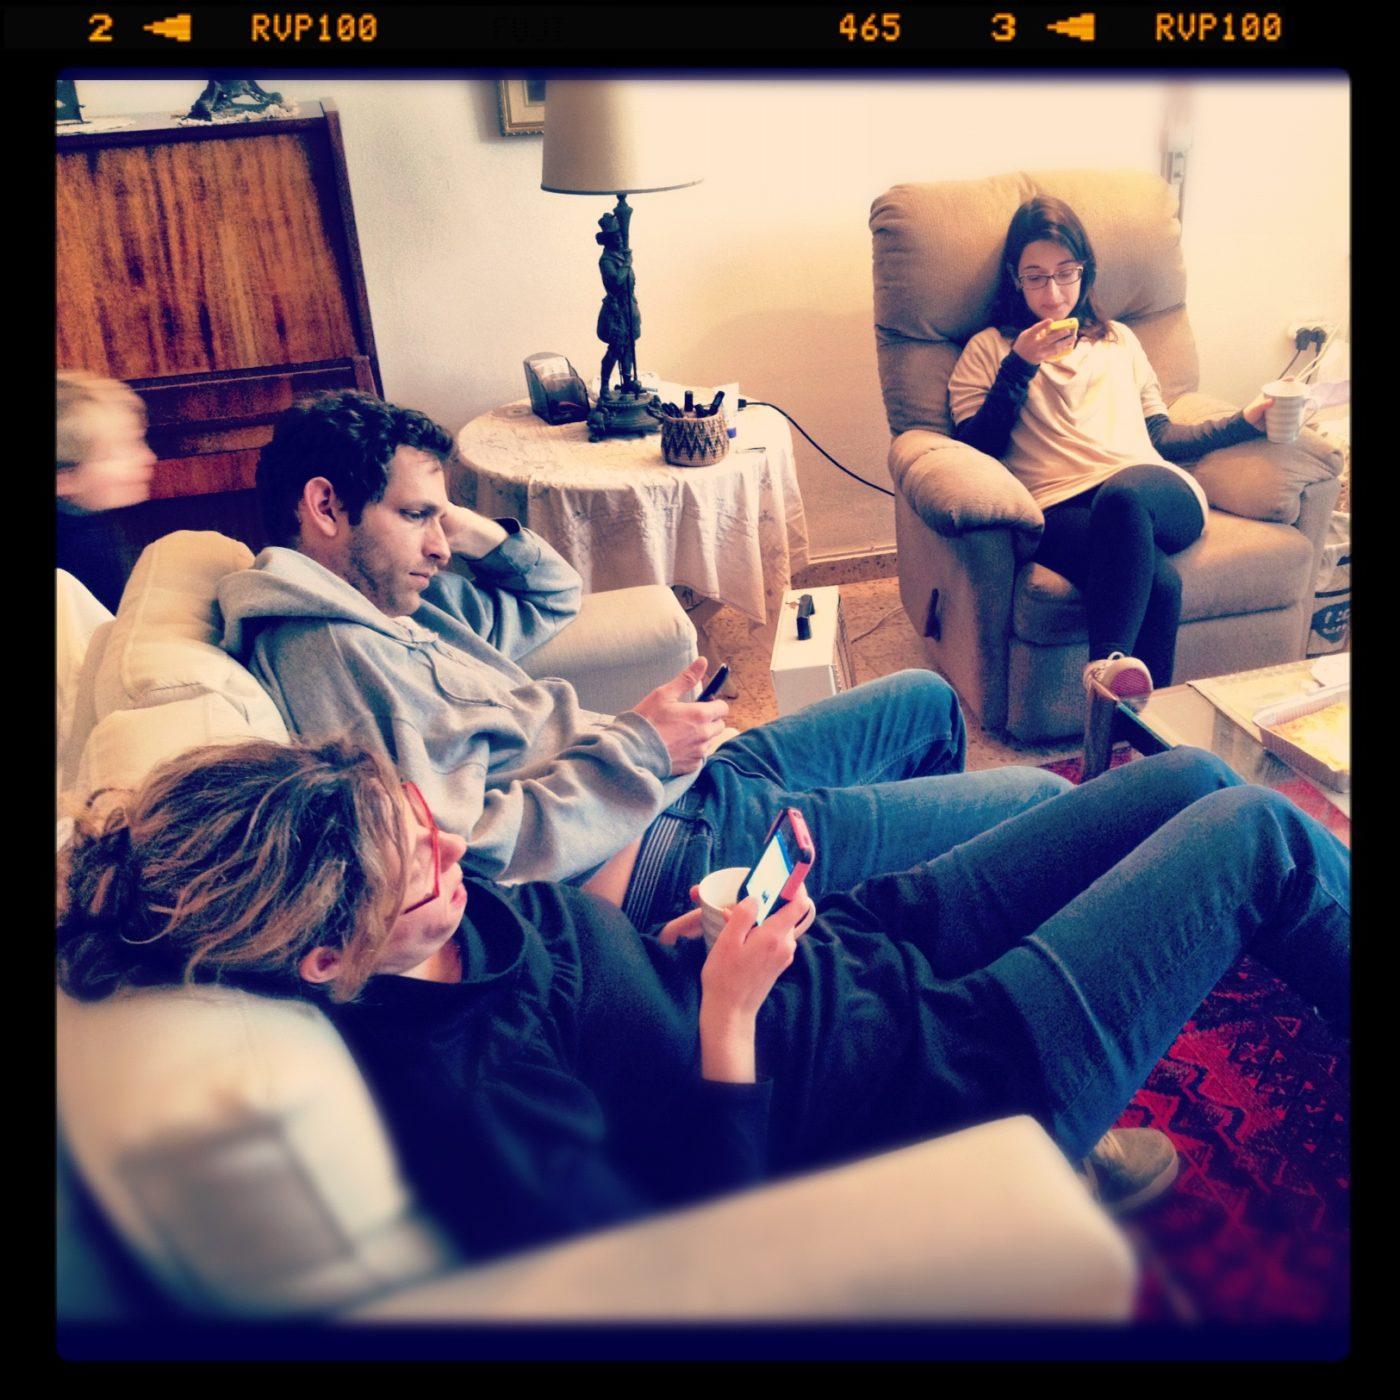 שם השולח: לידור עקביא.  הזמן: שבת בצהריים, אחרי ארוחה משפחתית. סיימנו לאכול, ואנחנו יושבים בסלון.  בעבר, זמן זה שימש לשיחה והתעדכנות על מאורעות השבוע. היום, אנחנו מתעדכנים באופן שוטף בחיים של האחרים דרך הפייסבוק, האינסטגרם, הטוויטר והwhatsapp, אפילו כשאנו יושבים פחות ממטר אחד מהשני. אפילו הצלם, שצופה בסיטואציה מהצד, משתמש בסמארטפון כדי לתעד ולשתף את האירוע.   העידן הדיגיטלי משנה את הדרך שבה אנו מתקשרים אחד עם השני: עברנו לתקשורת דרך מסכים, תקשורת שמתומצתת למילים בודדות ואמוטיקונים, תקשורת שקצת מבודדת וקצת בודדת. לפעמים, בא לי להניח את הטלפון בצד, להרים את העיניים ולדבר עם מי שנמצא מולי או לידי; אבל ההתמכרות נעשה חזקה מדי...